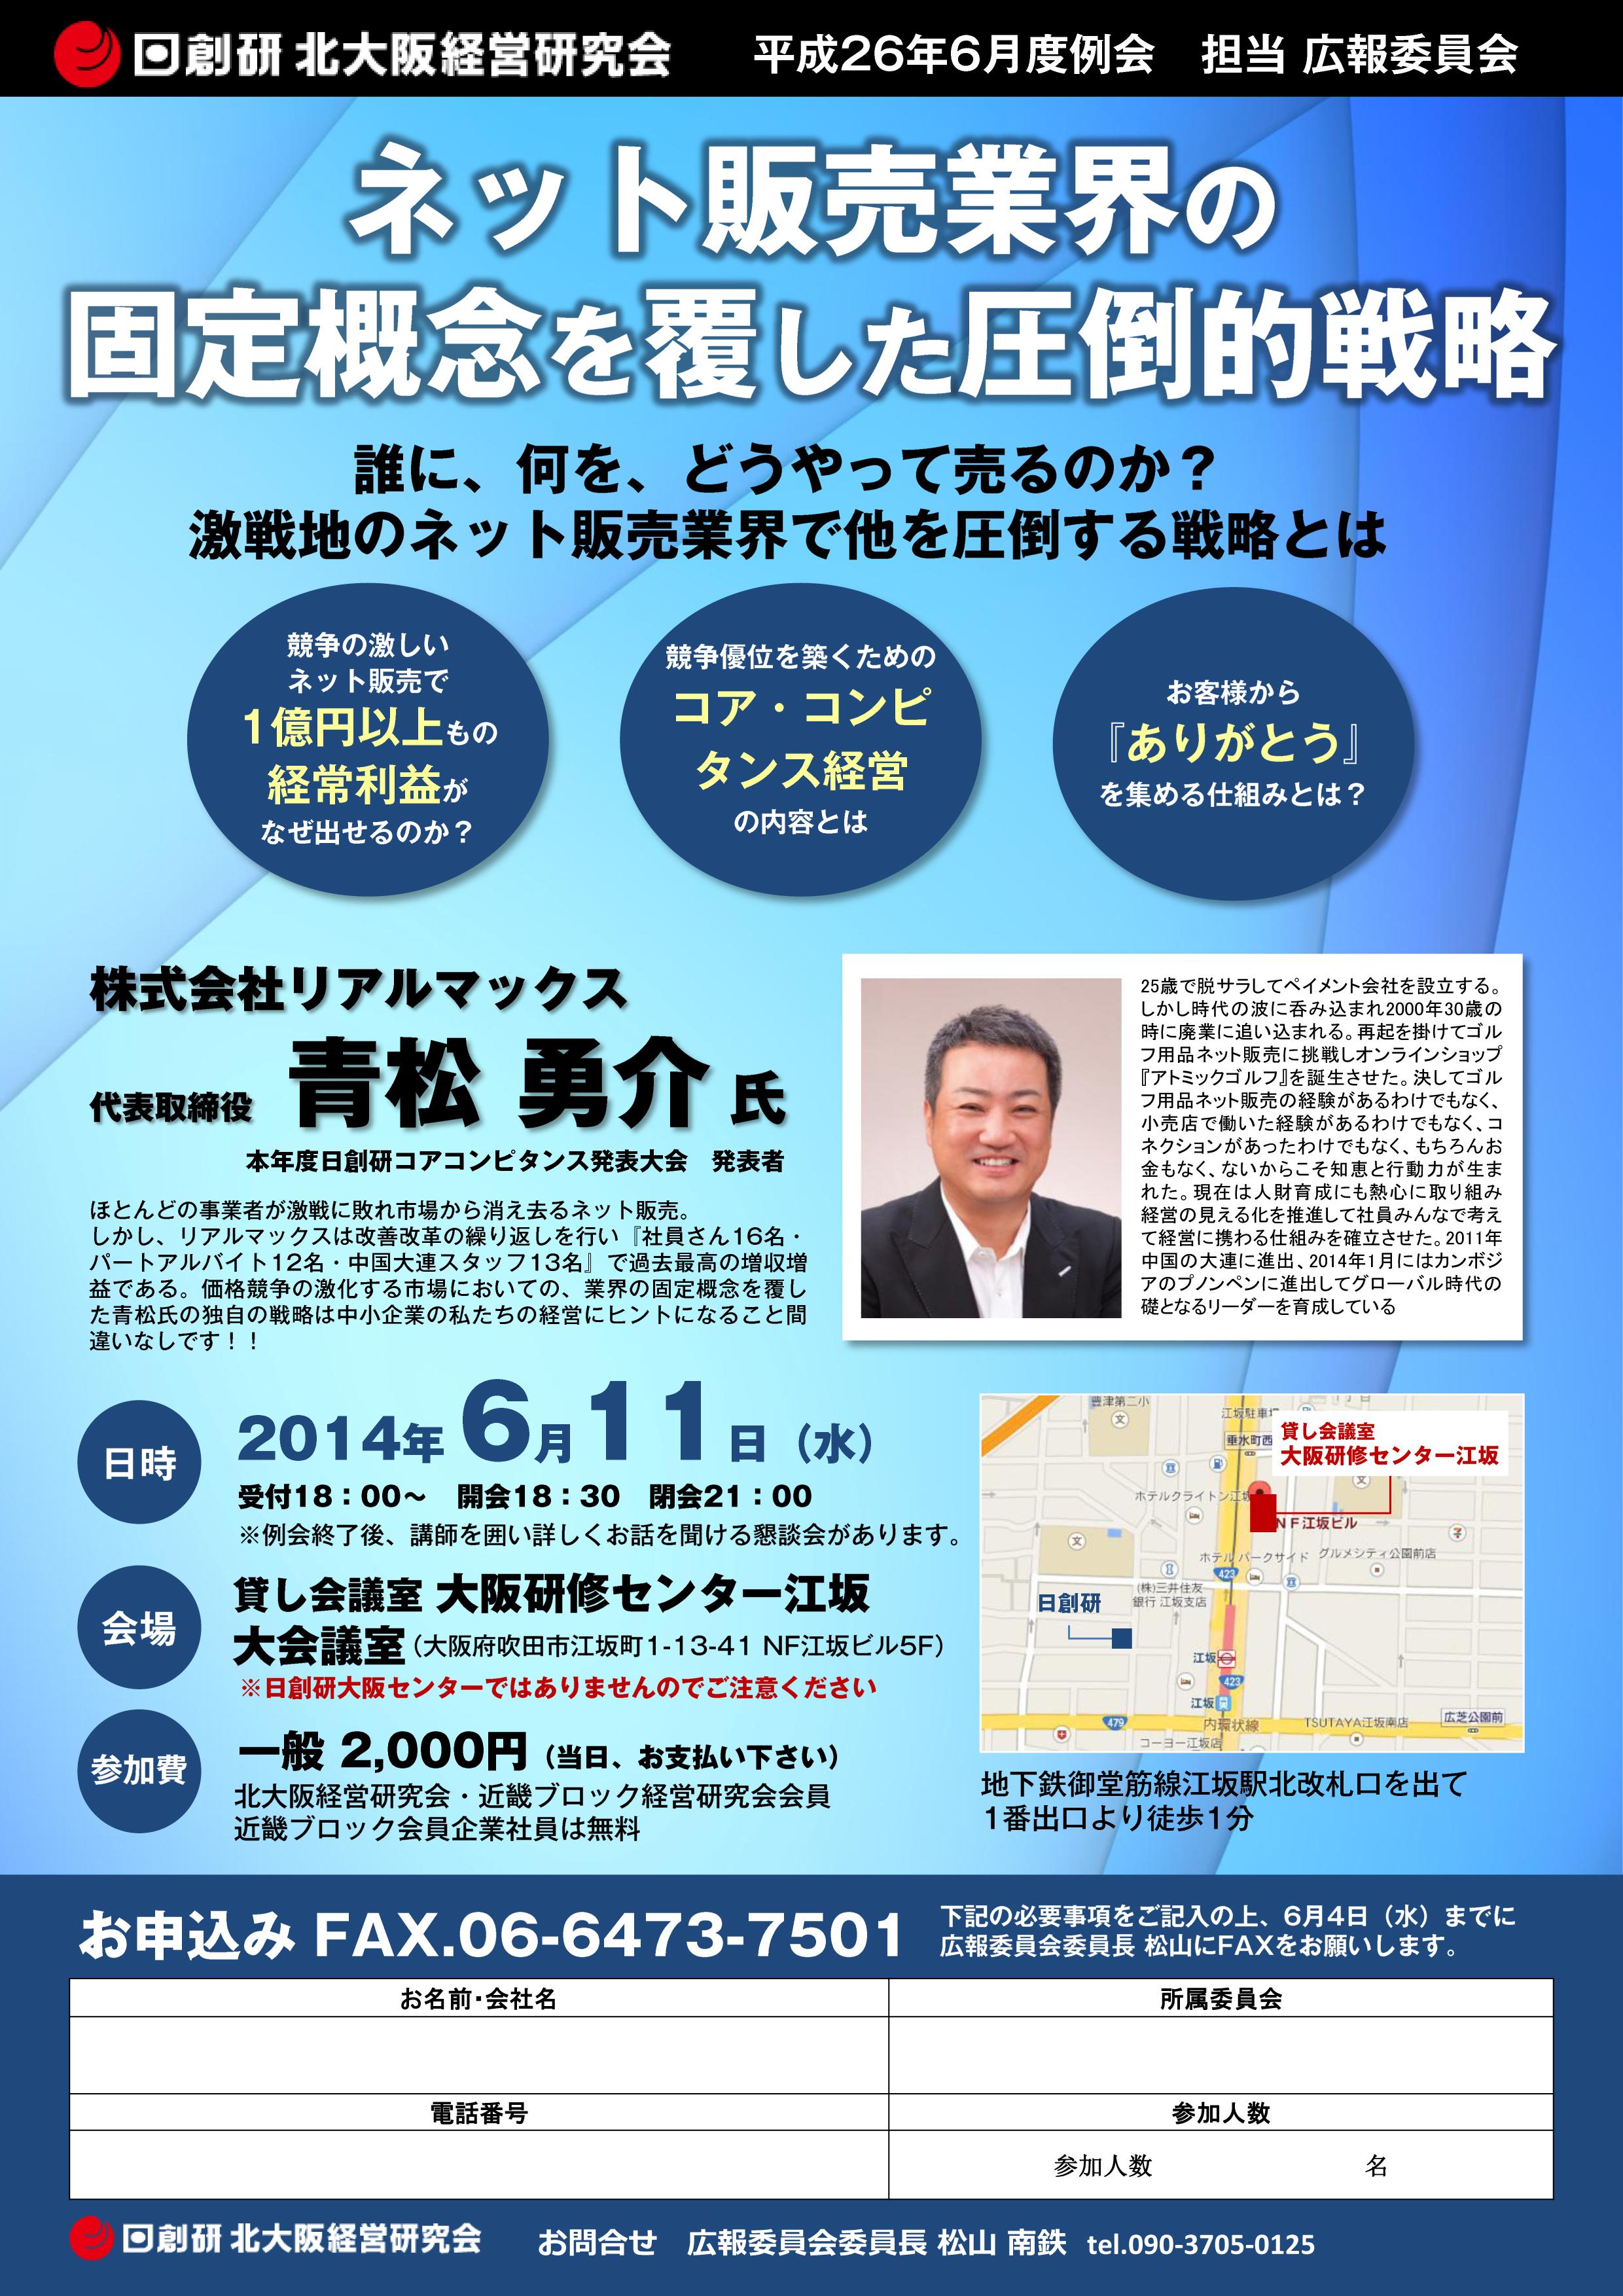 2014.6.11 北大阪経営研究会にて講演 『ネット販売業界の固定概念を覆した圧倒的戦略』